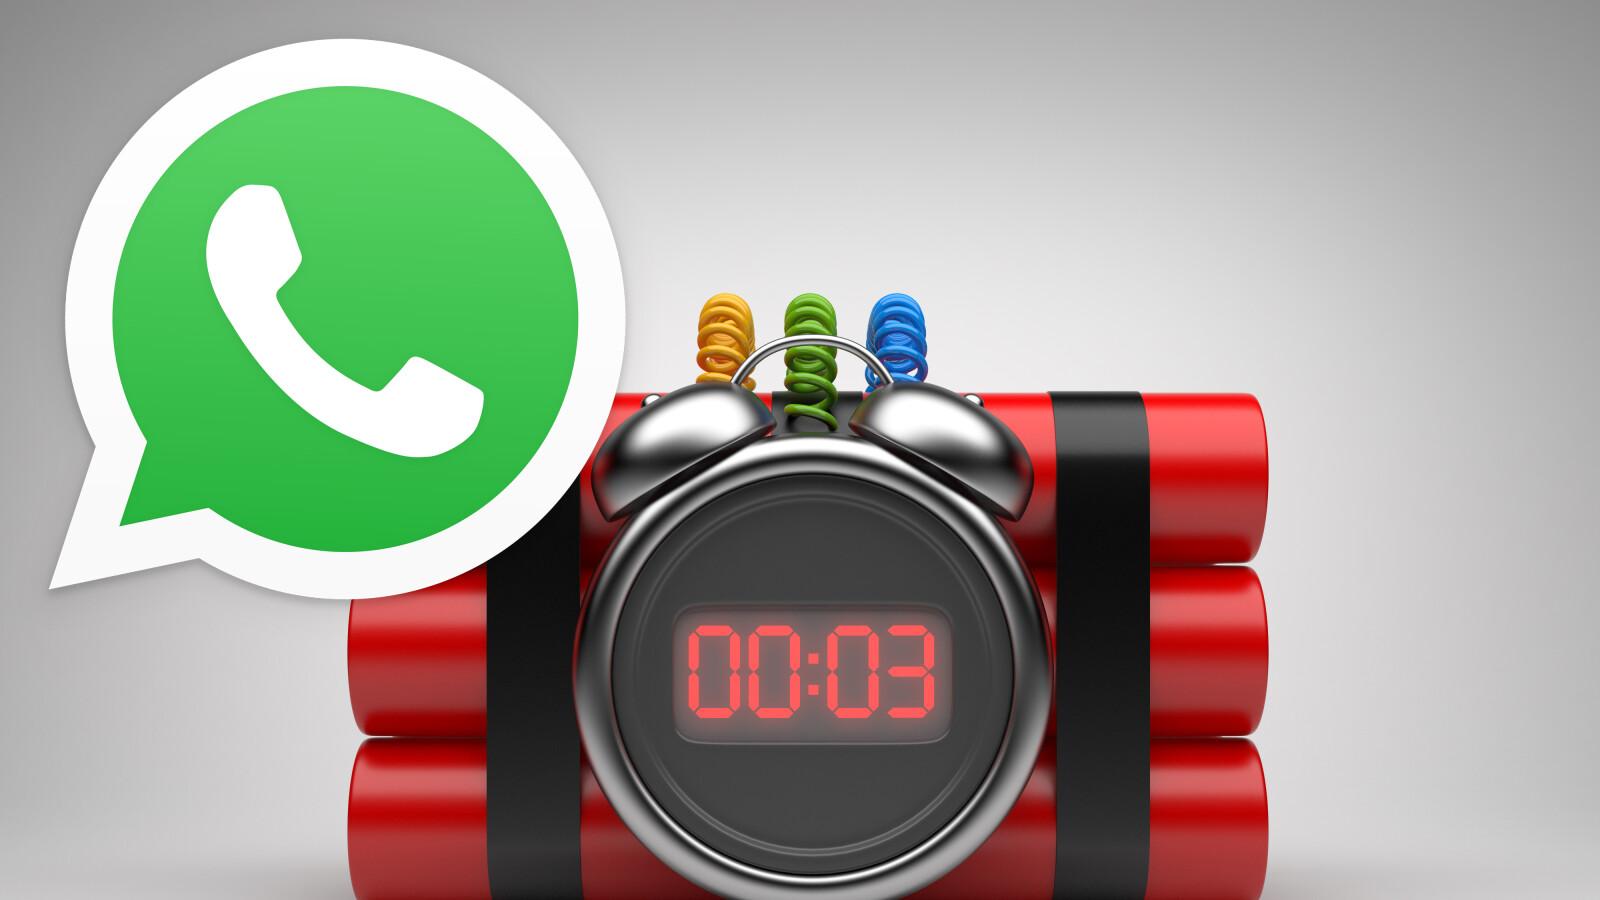 WhatsApp macht ernst: Das passiert, wenn ihr nicht zustimmt! - NETZWELT